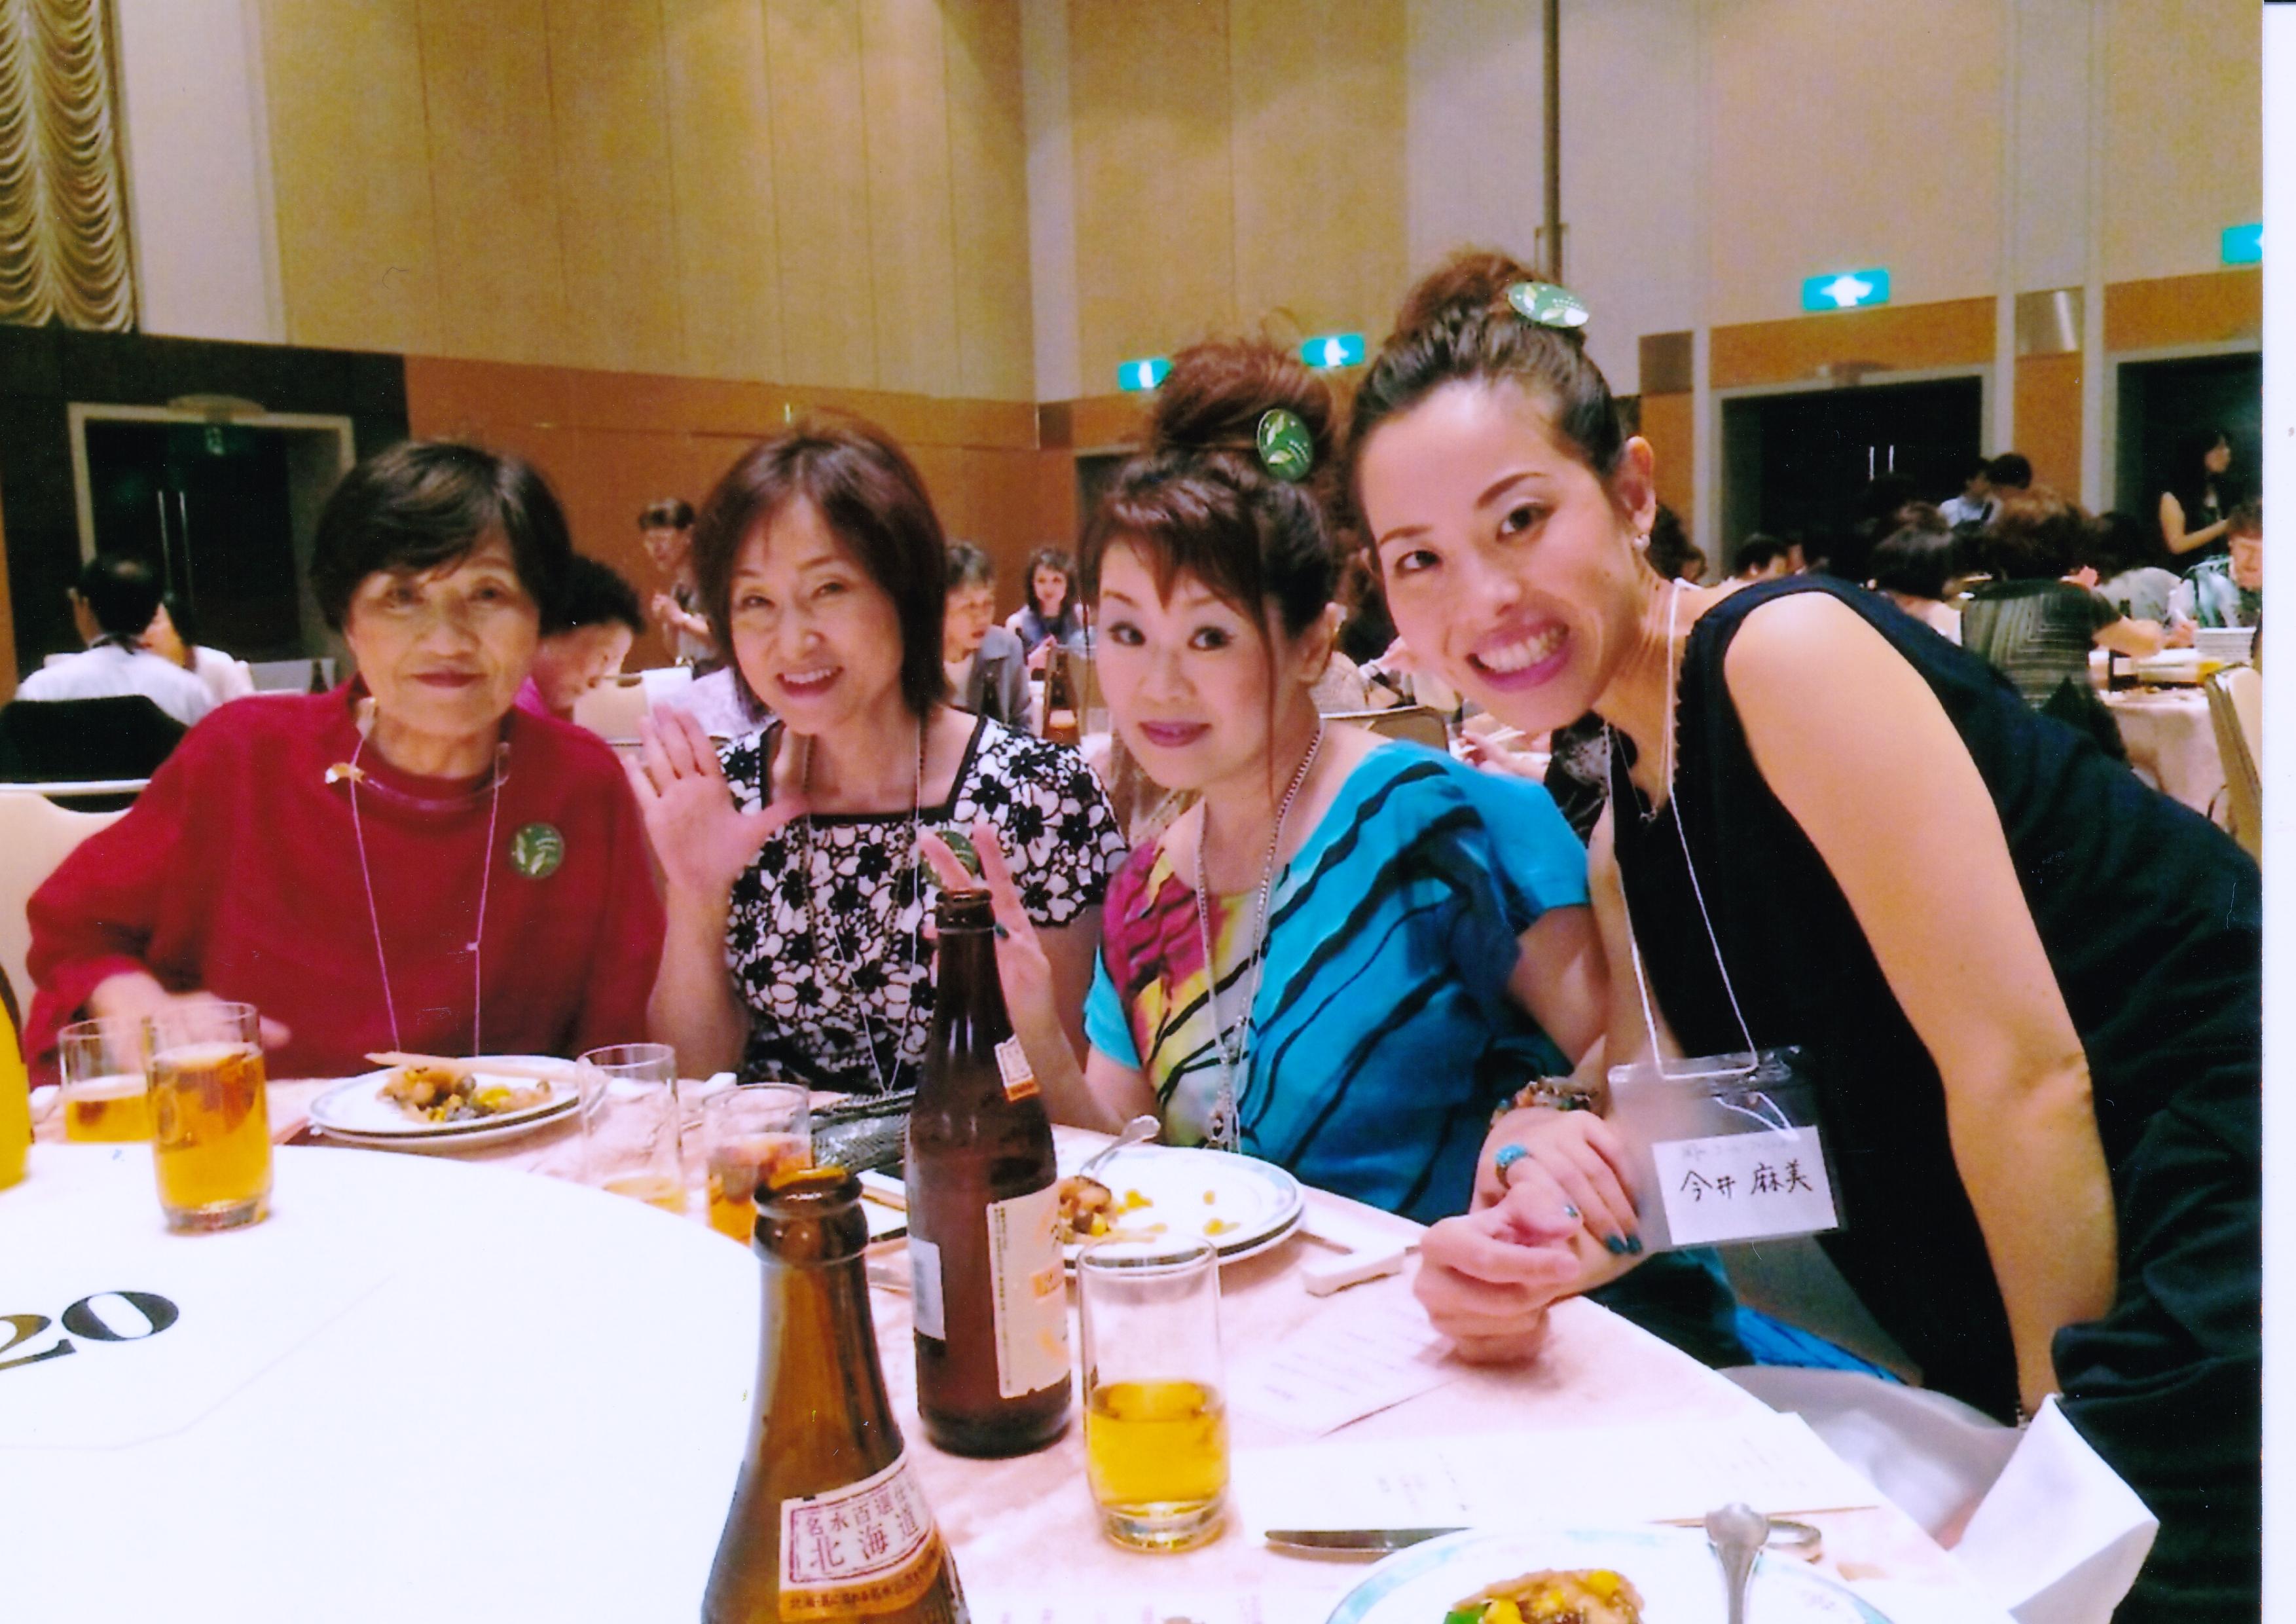 第38回全日本おかあさんコーラス全国大会 札幌 レセプション